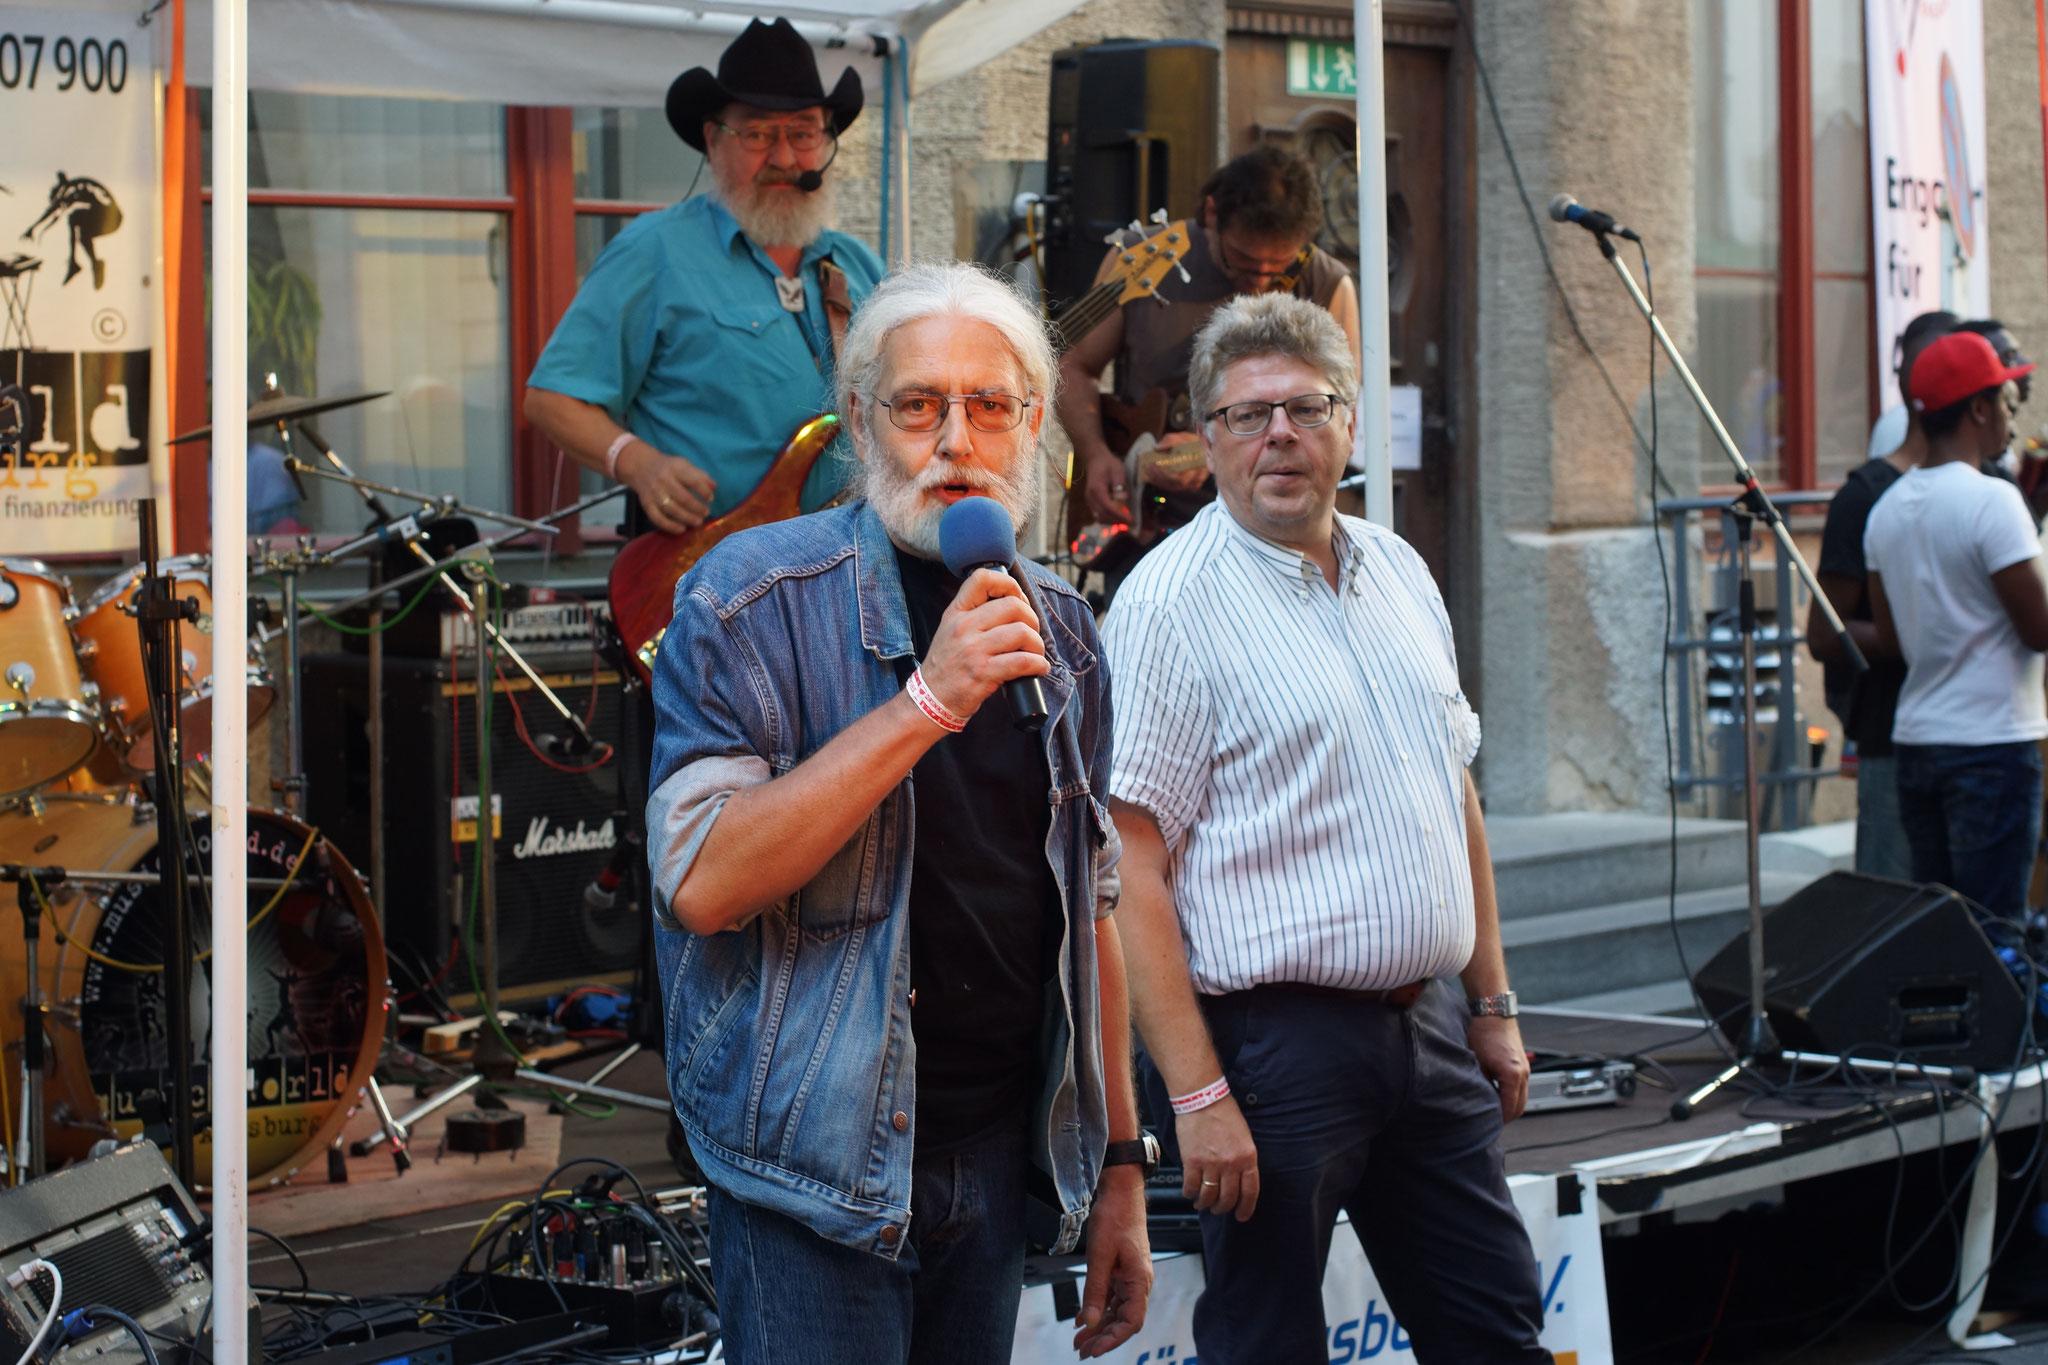 Konzerte im Bürgerhof 03.07.15 Wolfgang F. Lightmaster und Wolfgang Krell - Freiwilligen-Zentrum Augsburg - Foto: Crayfish